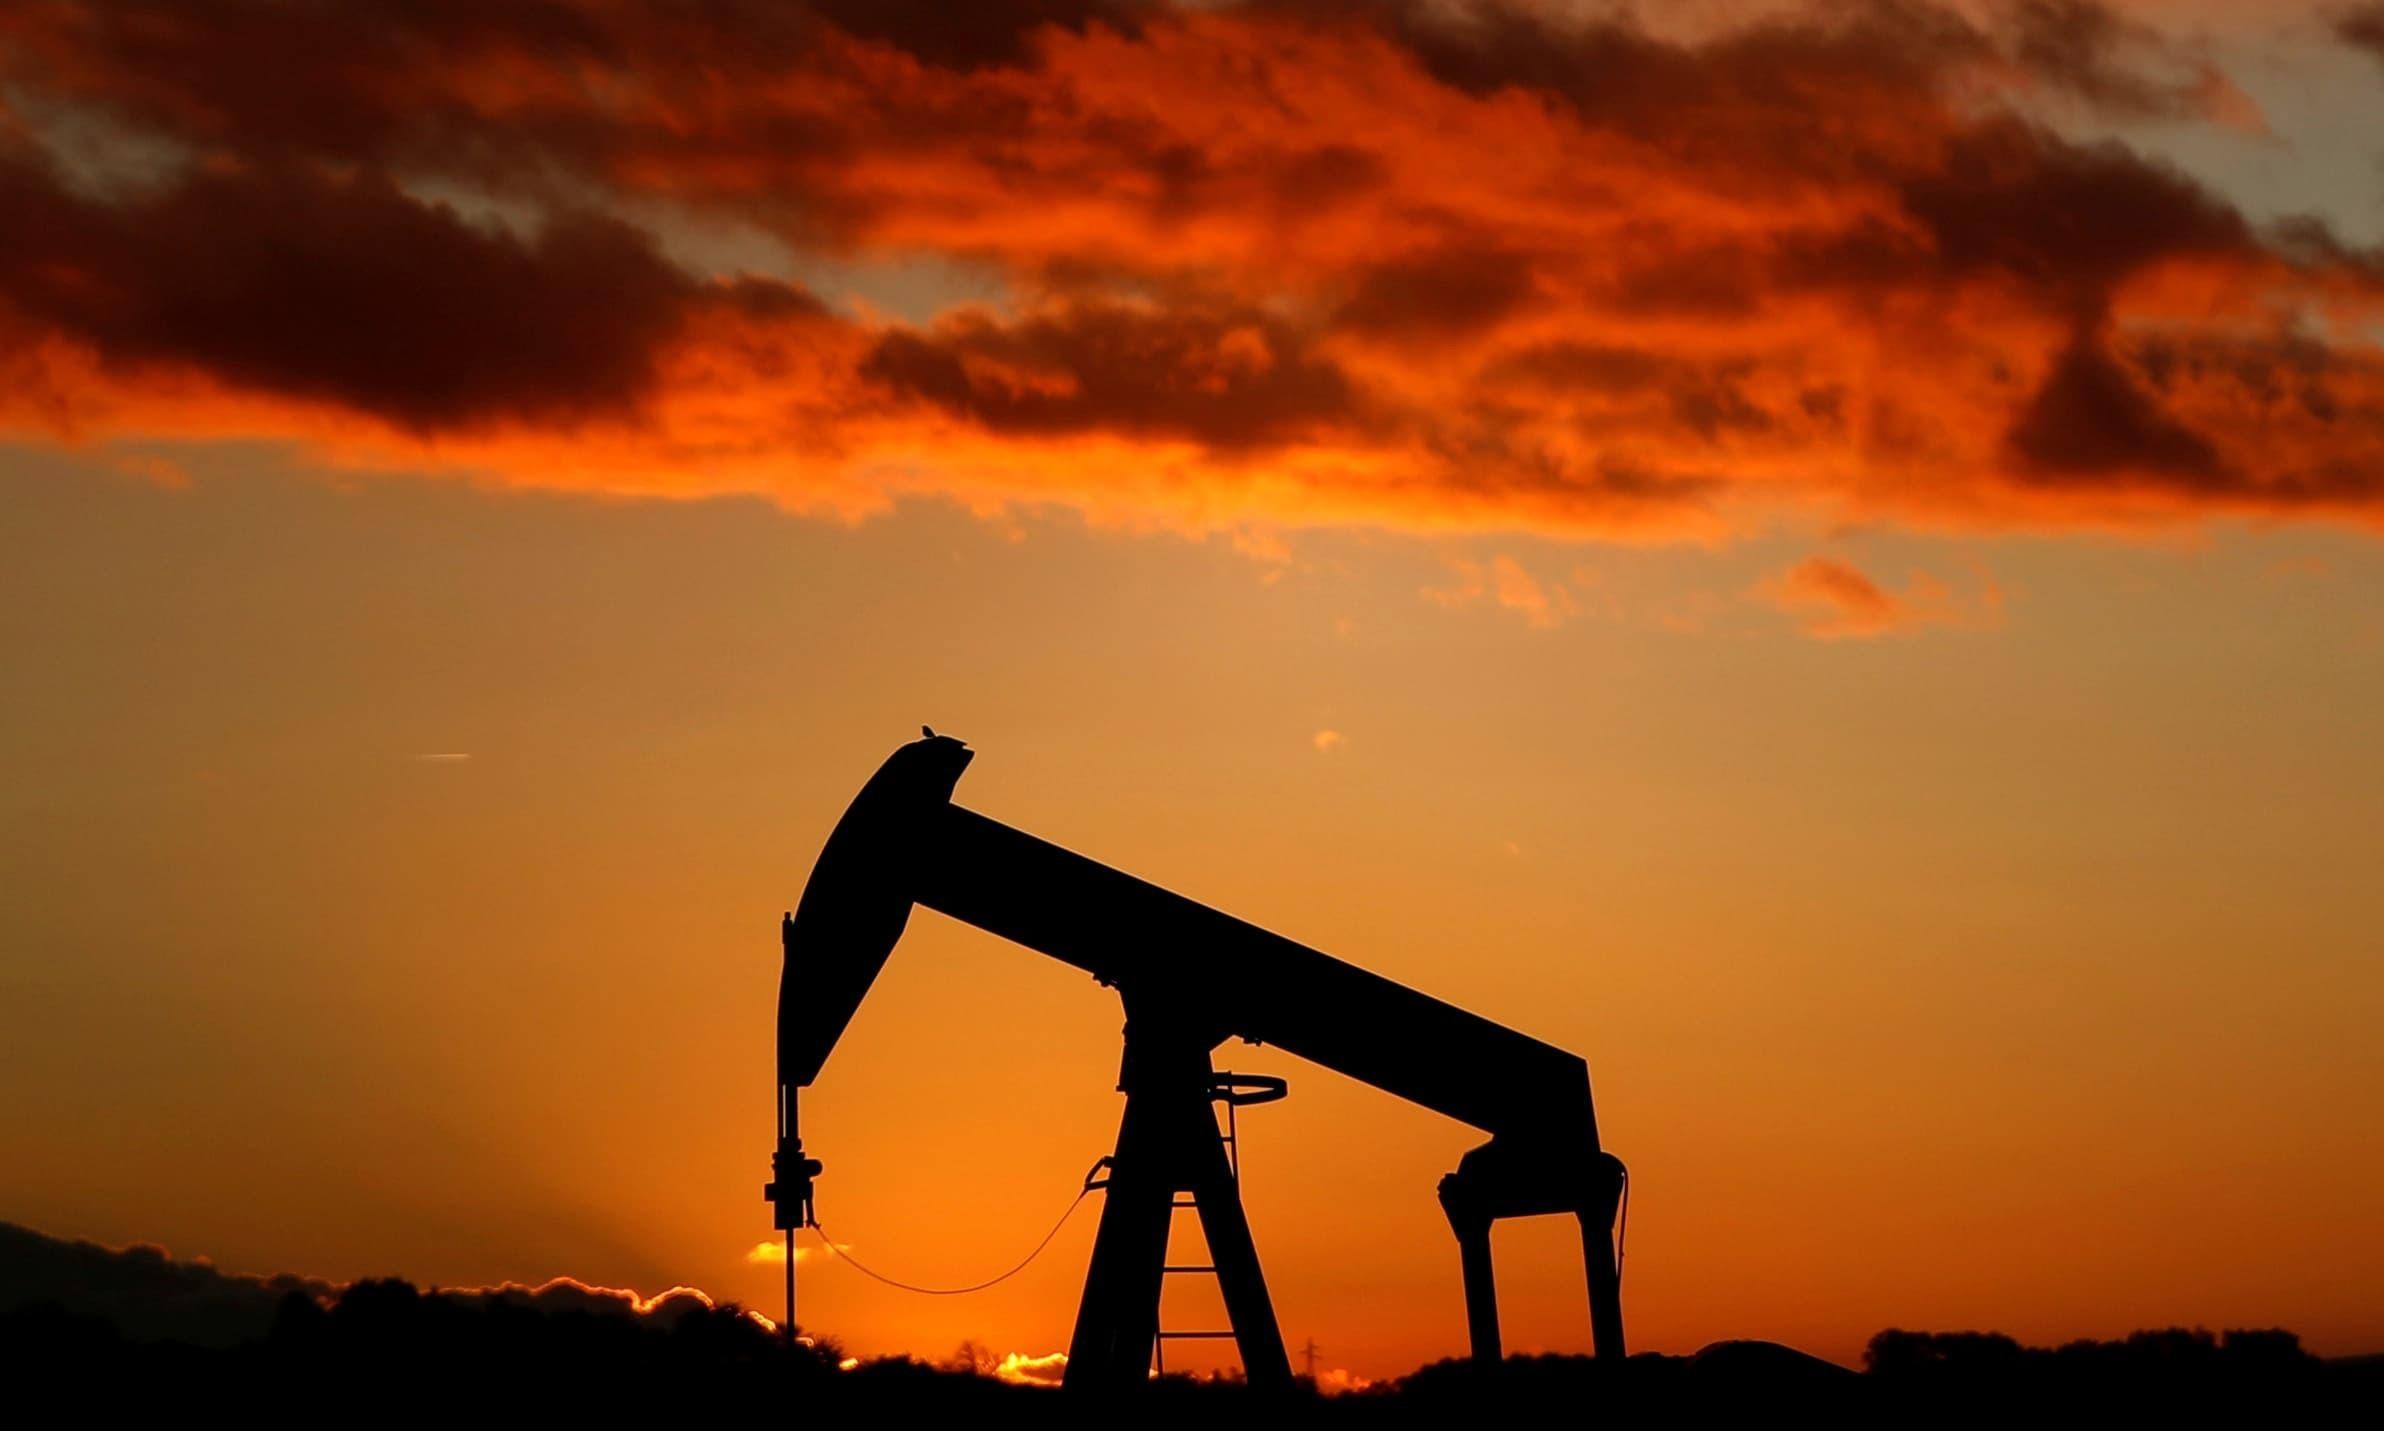 عالمی مارکیٹ میں تیل کی قیمتوں میں واضح کمی کے بعد 8 فیصد اضافہ